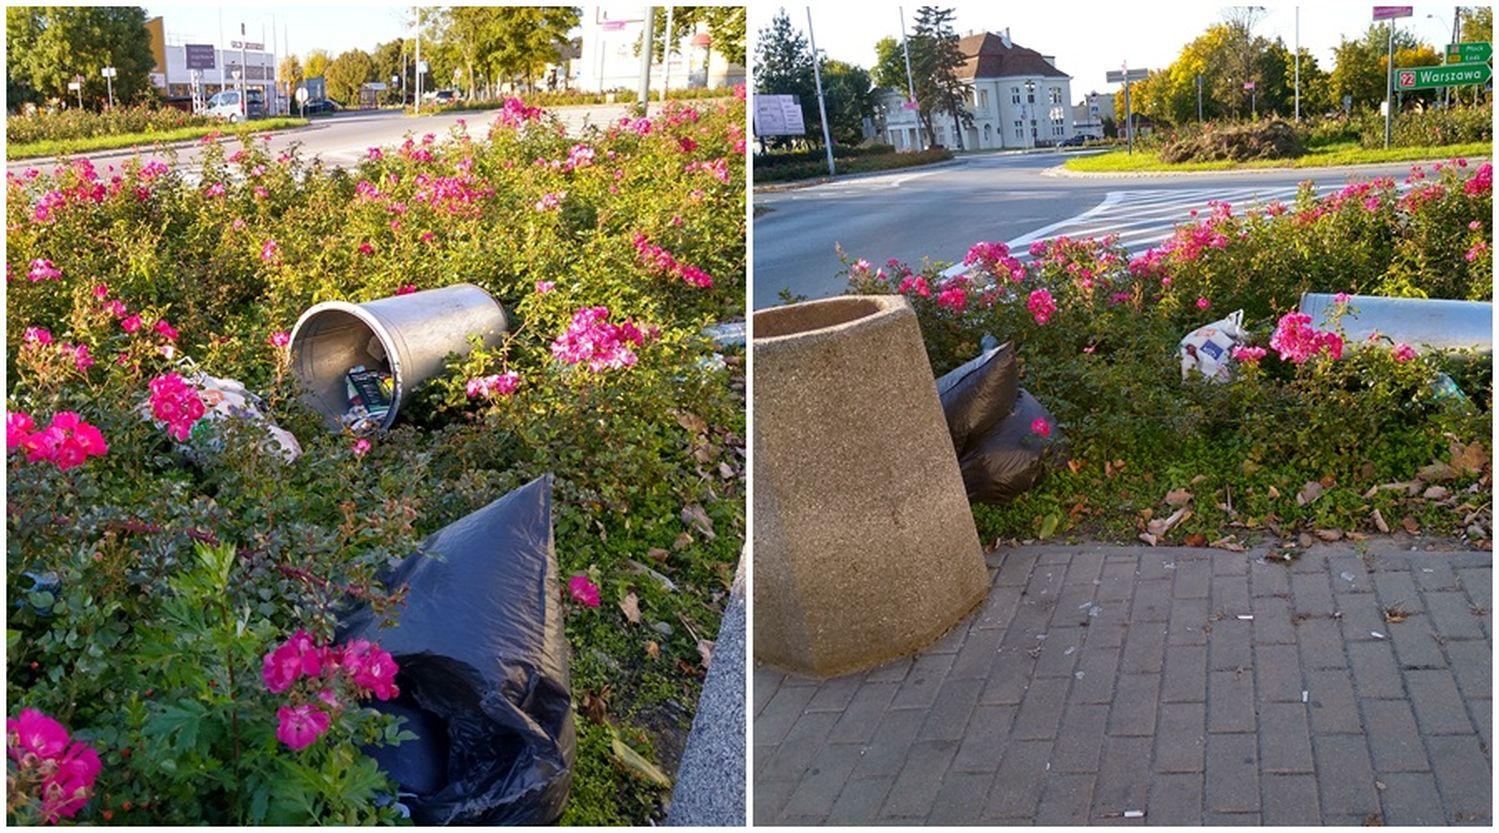 Śmietnik w różach, czyli tak wyglądało centrum Kutna w weekend [ZDJĘCIA] - Zdjęcie główne